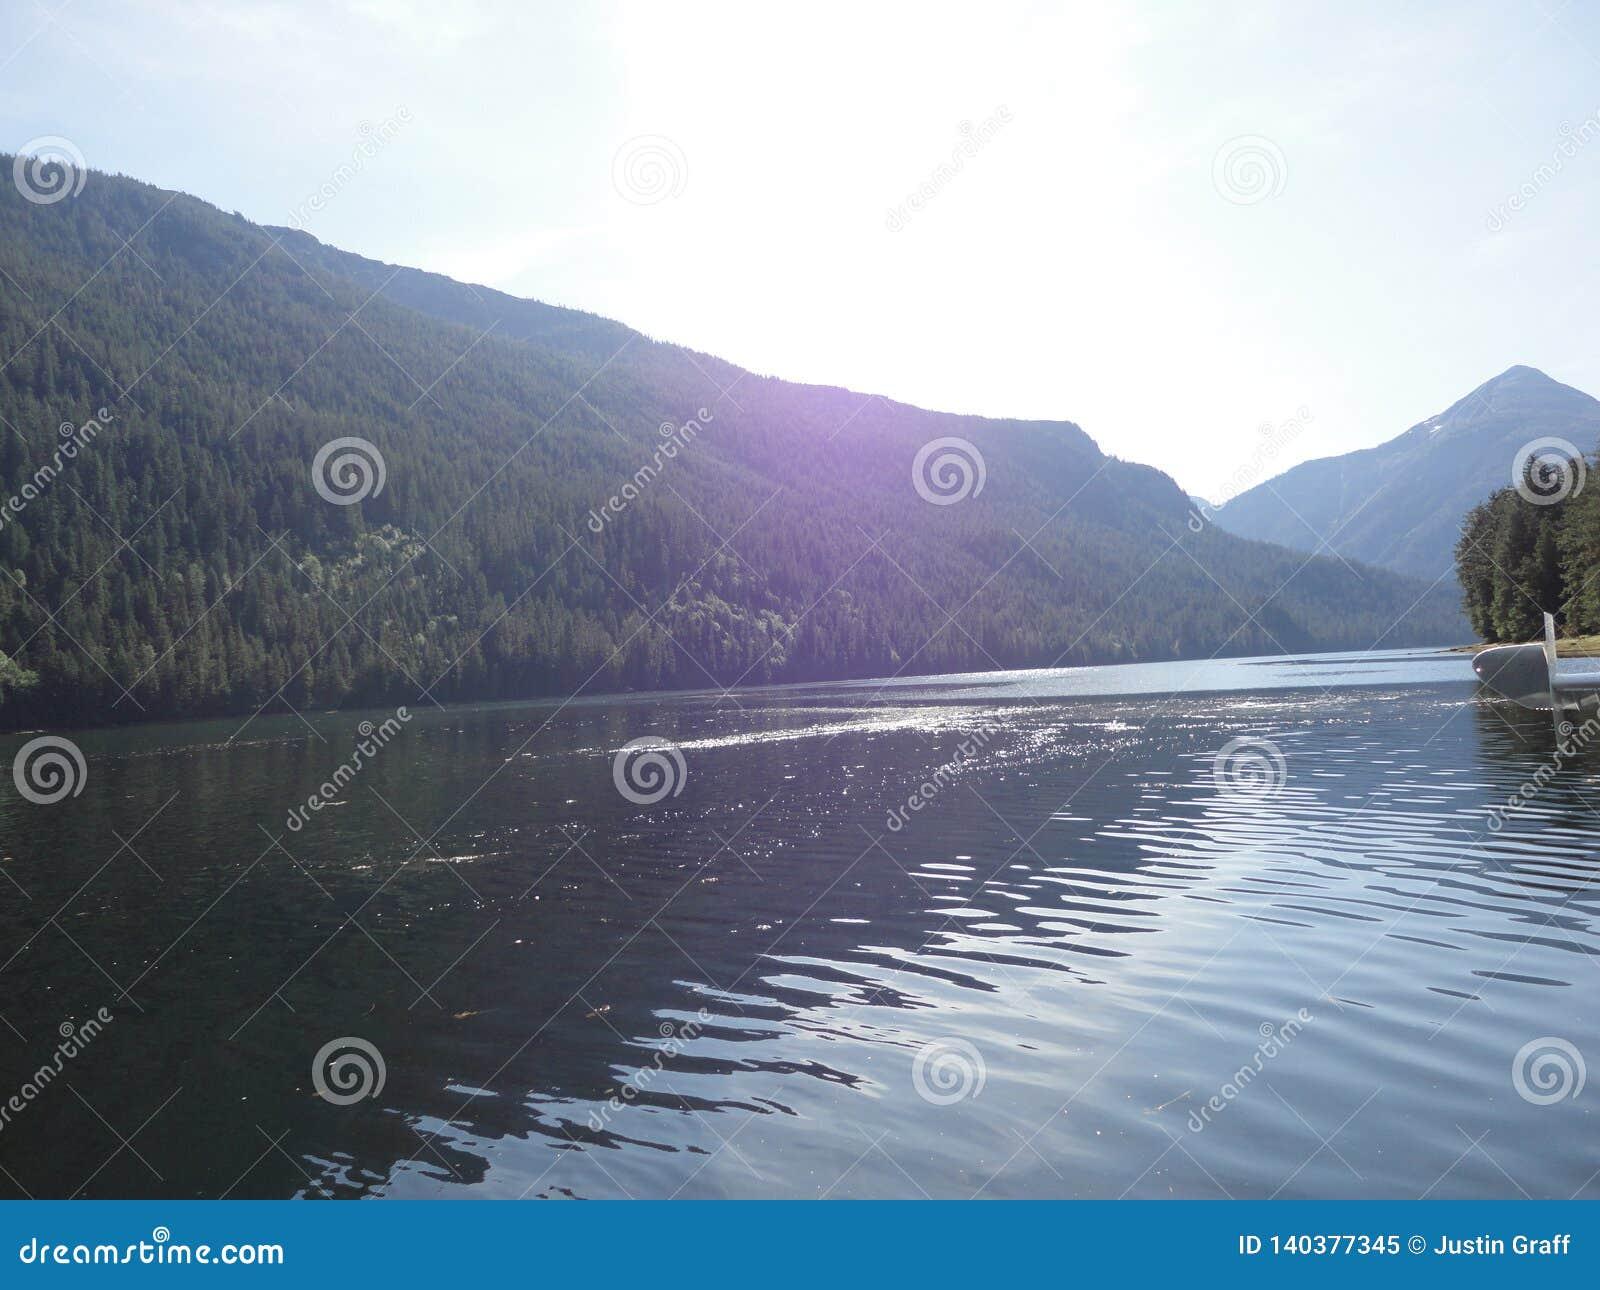 Ariel View av Misty Fjords utanför Ketchikan Alaska från en flötenivå Tempererad regnskog med sjöar och floder